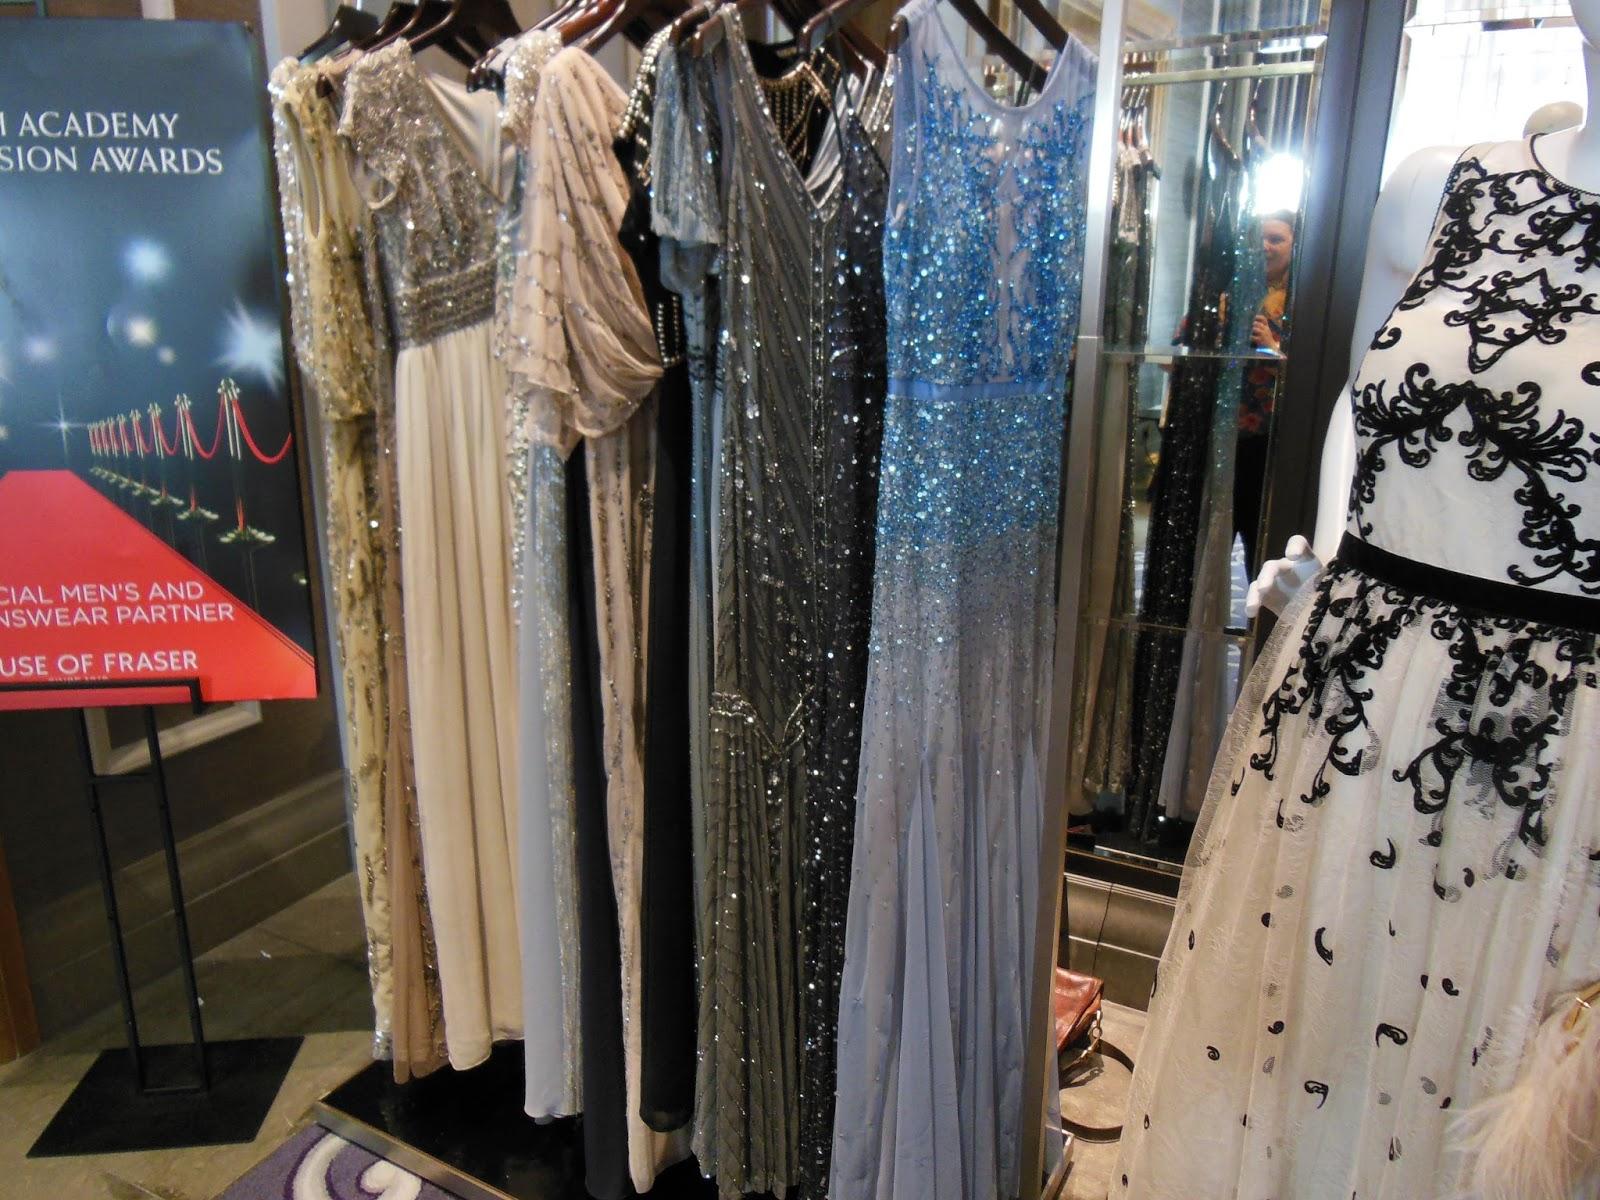 BAFTA dresses from House of Fraser